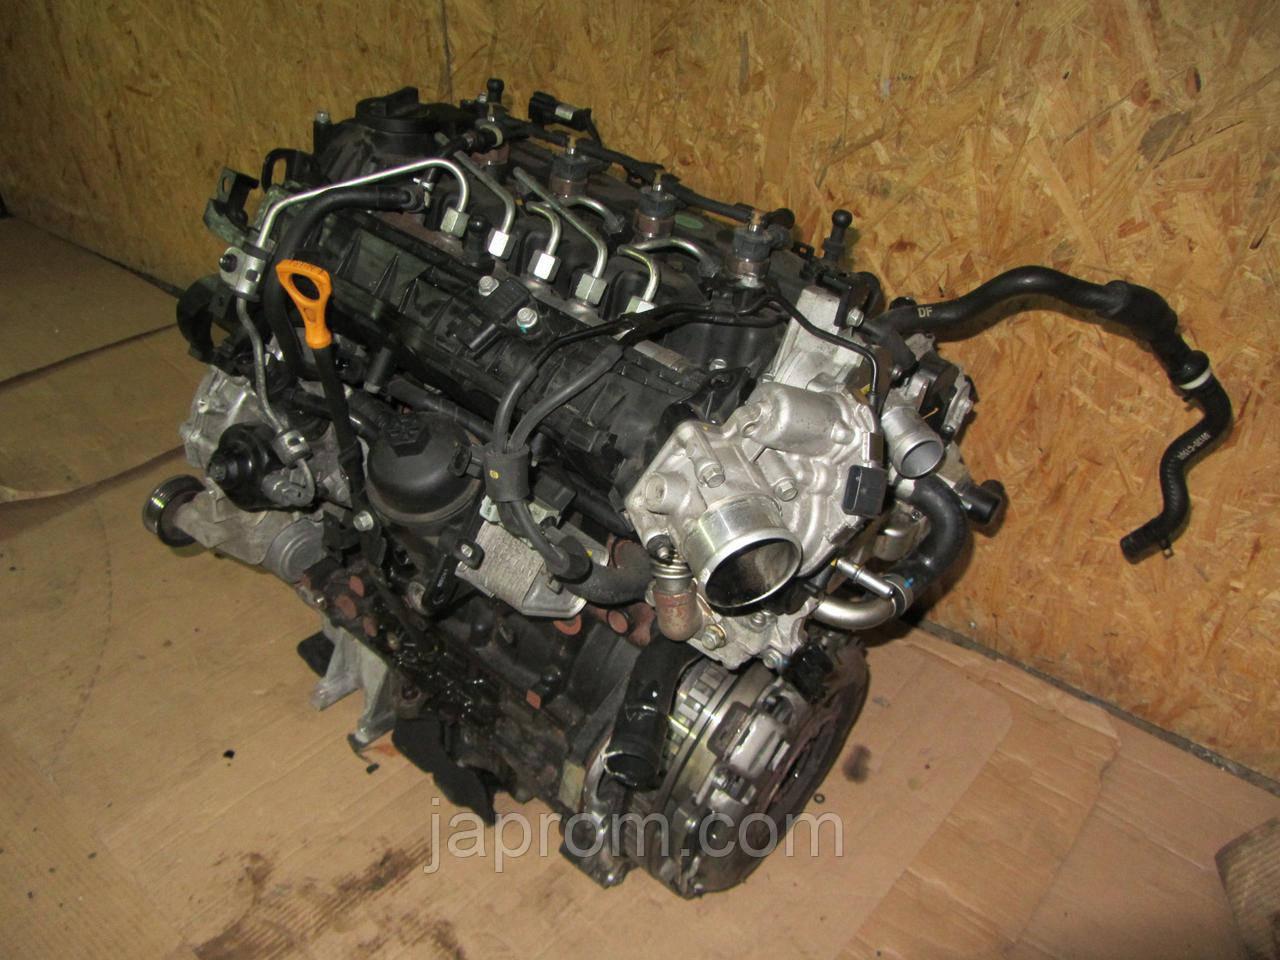 Мотор (Двигатель) KIA OPTIMA 2012-2018г.в. 1.7 CRDI